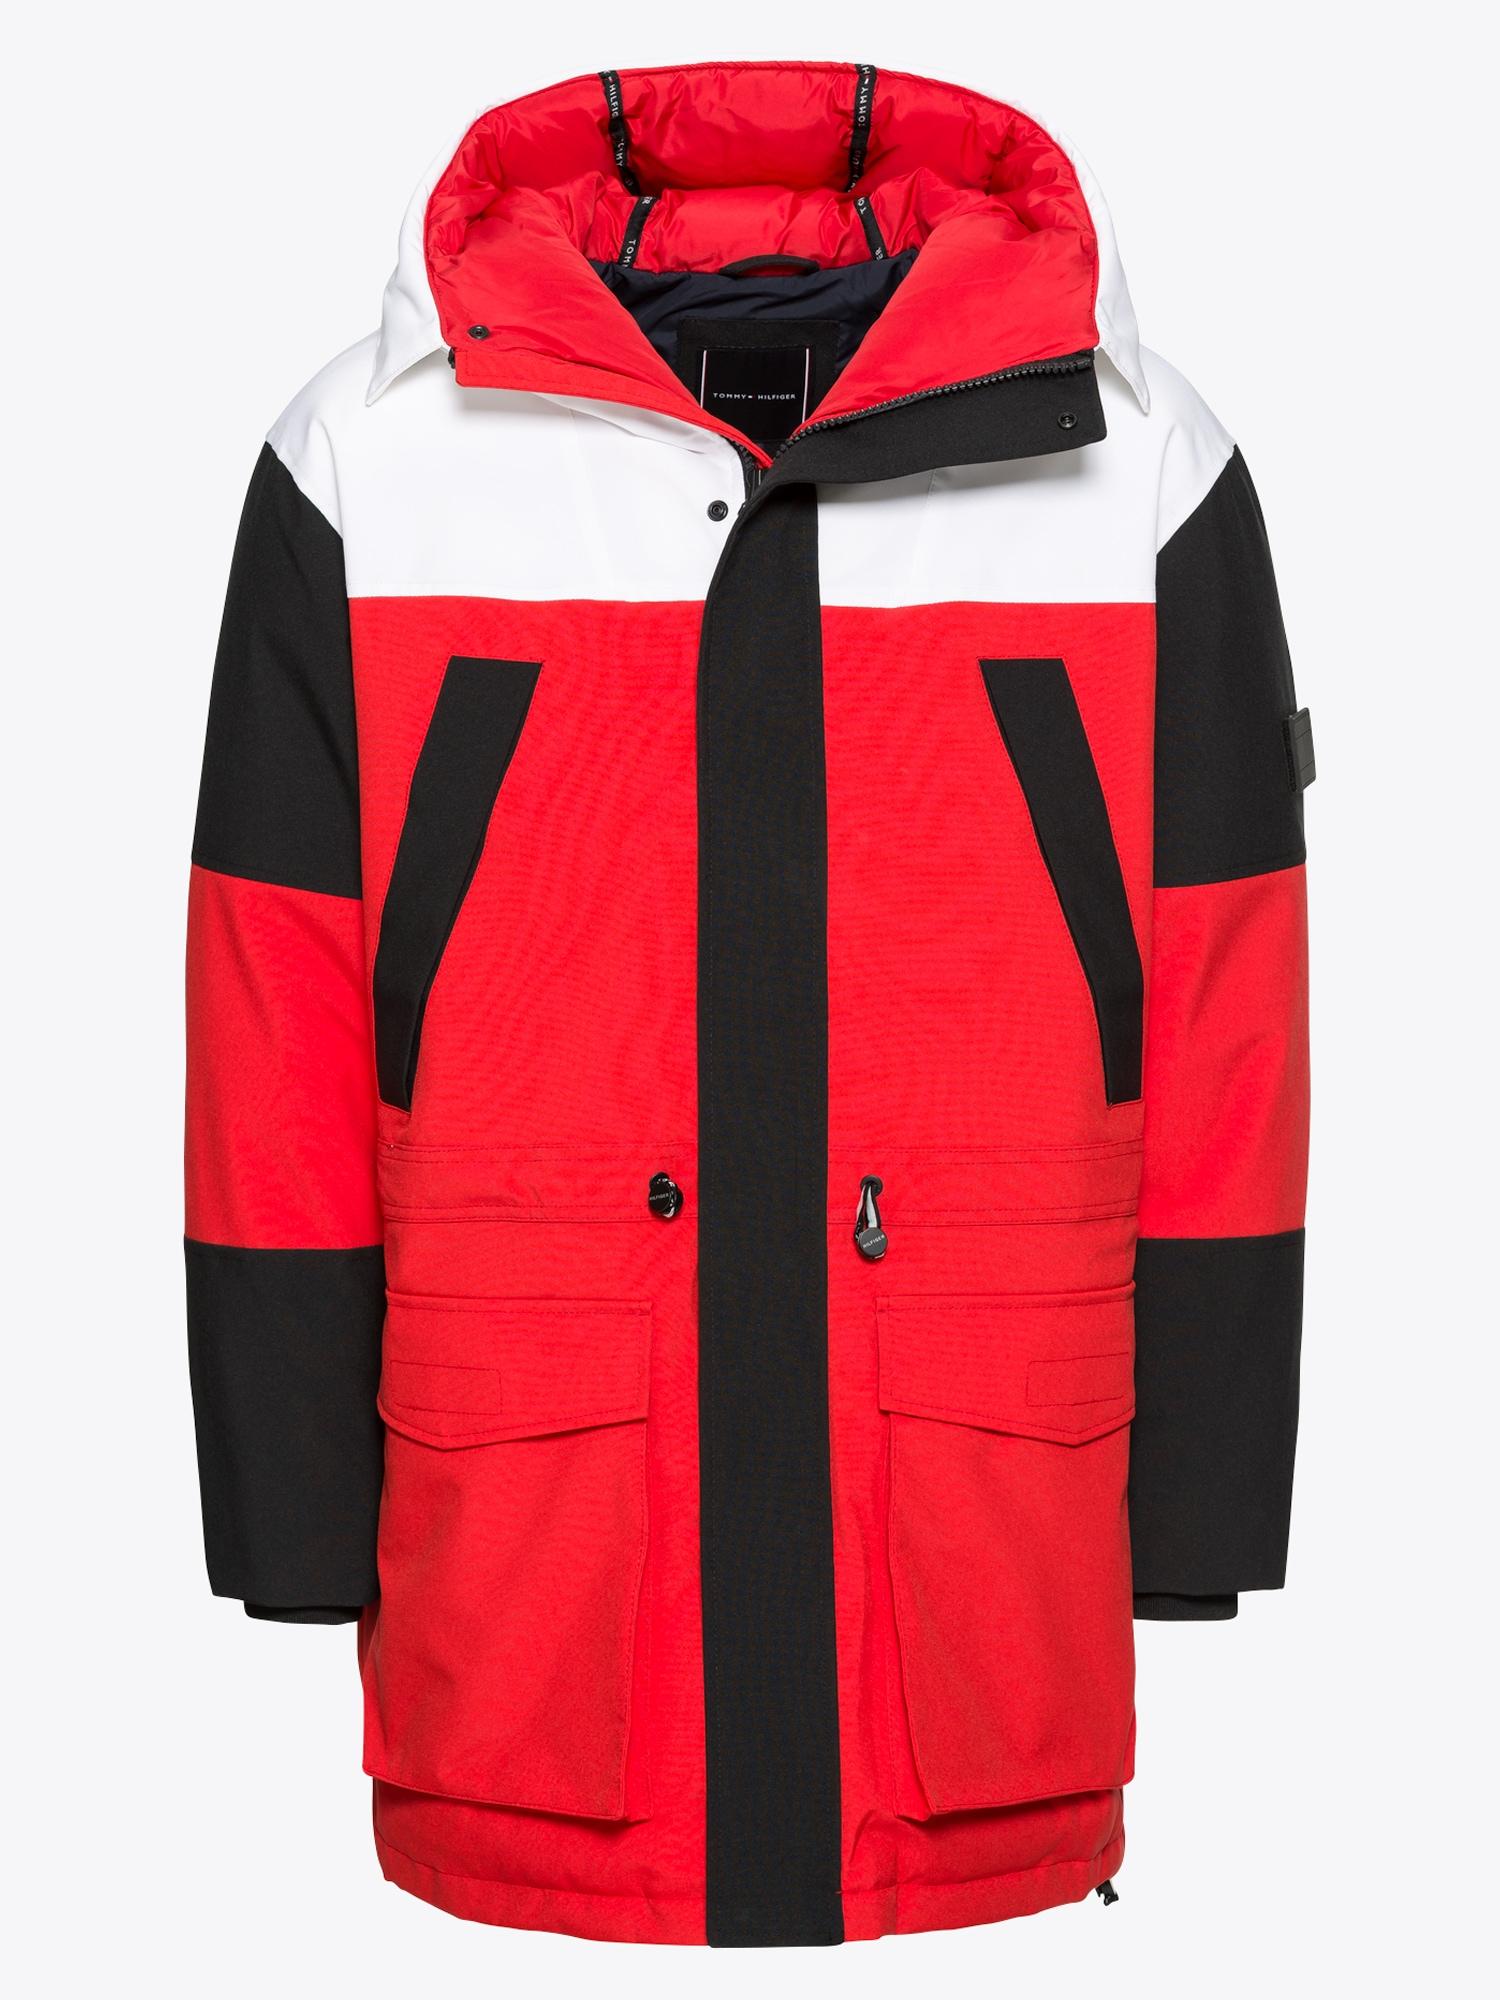 Winterjas Wit Heren.Tommy Hilfiger Heren Winterjas Colourblock Rood Zwart Wit